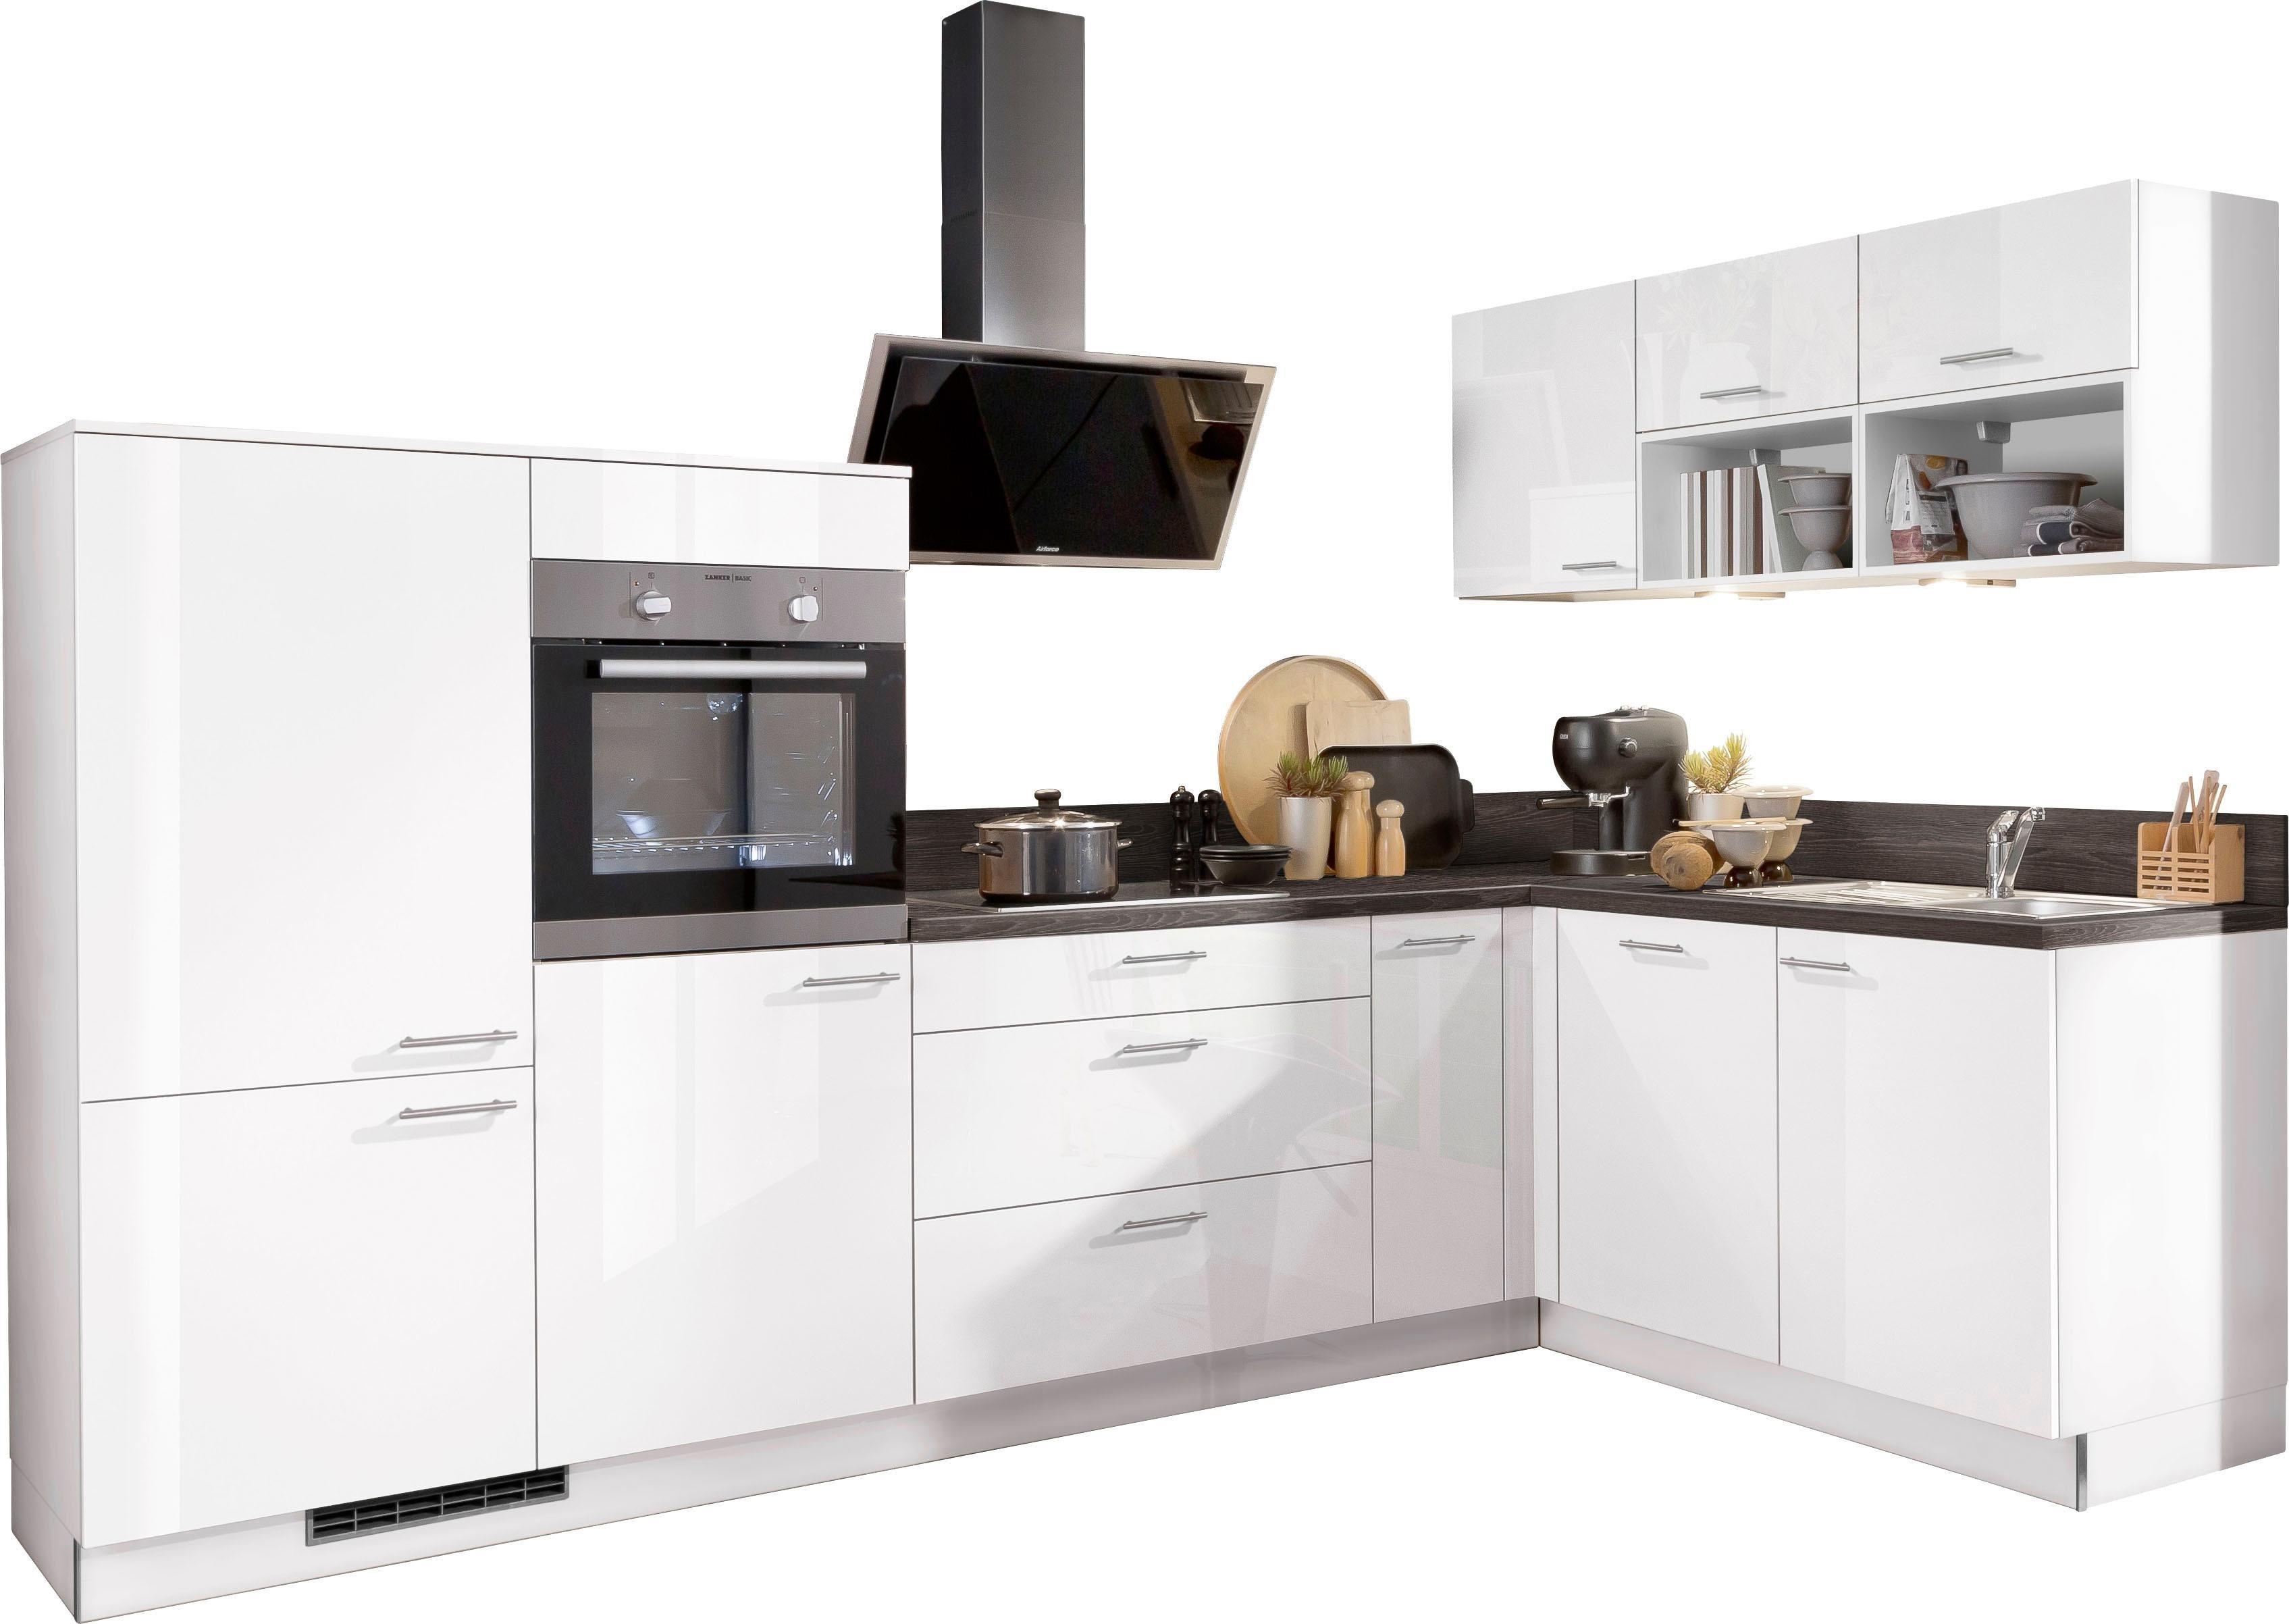 Express Küchen Winkelküche »Scafa« mit E-Geräten, Stellbreite 305 x 185 cm | Küche und Esszimmer > Küchen > Winkelküchen | Graublau - Weiß | Edelstahl | Express Küchen